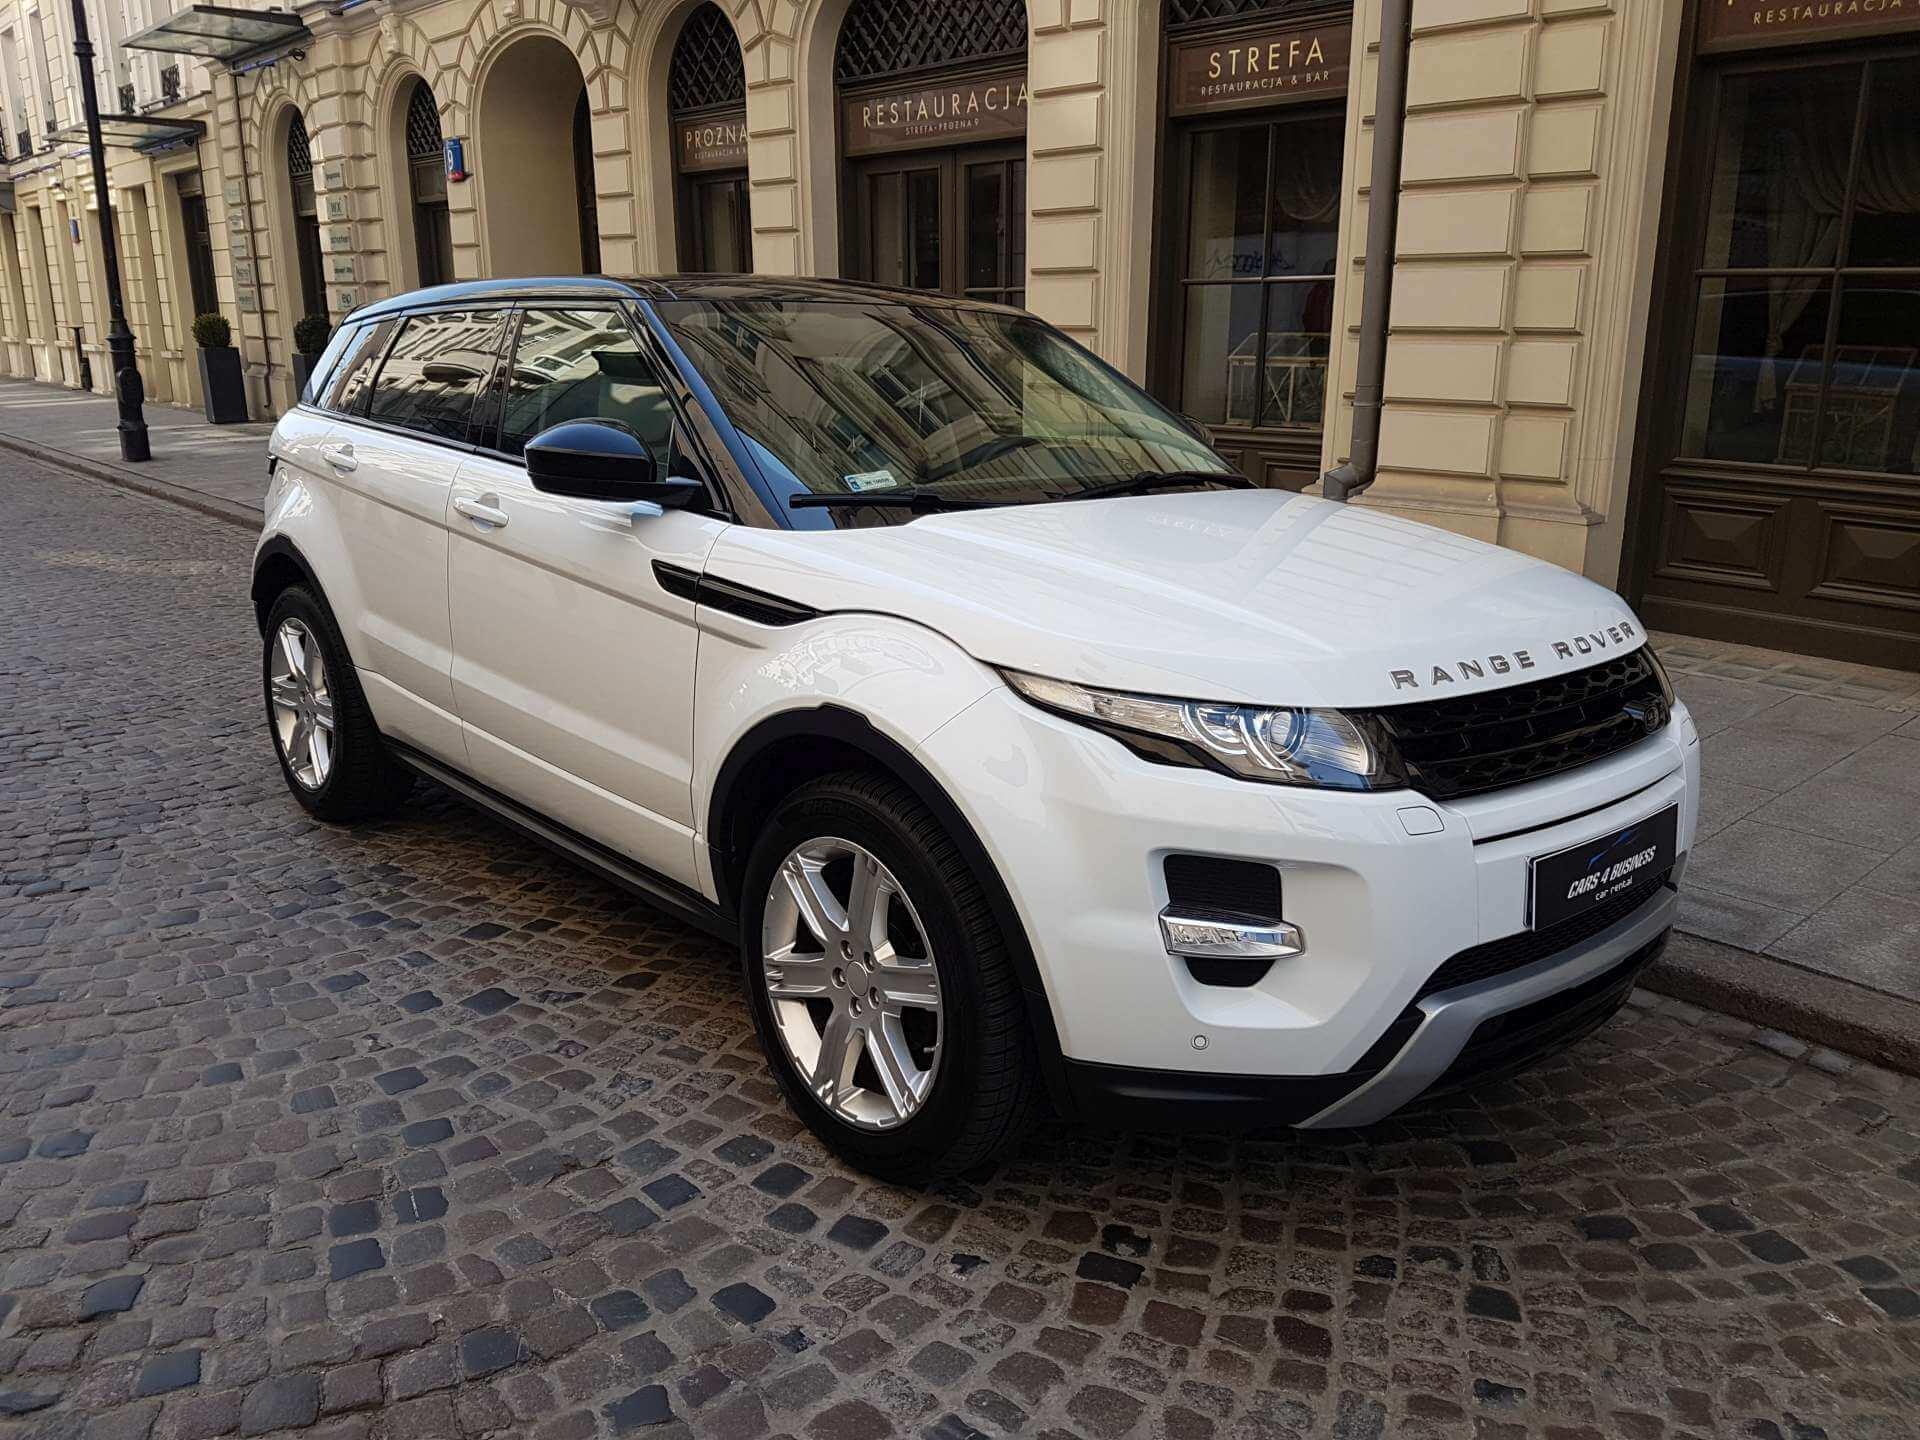 https://cars4business.pl/wp-content/uploads/2018/04/range-rover-veler-cars4buisness-1.jpg